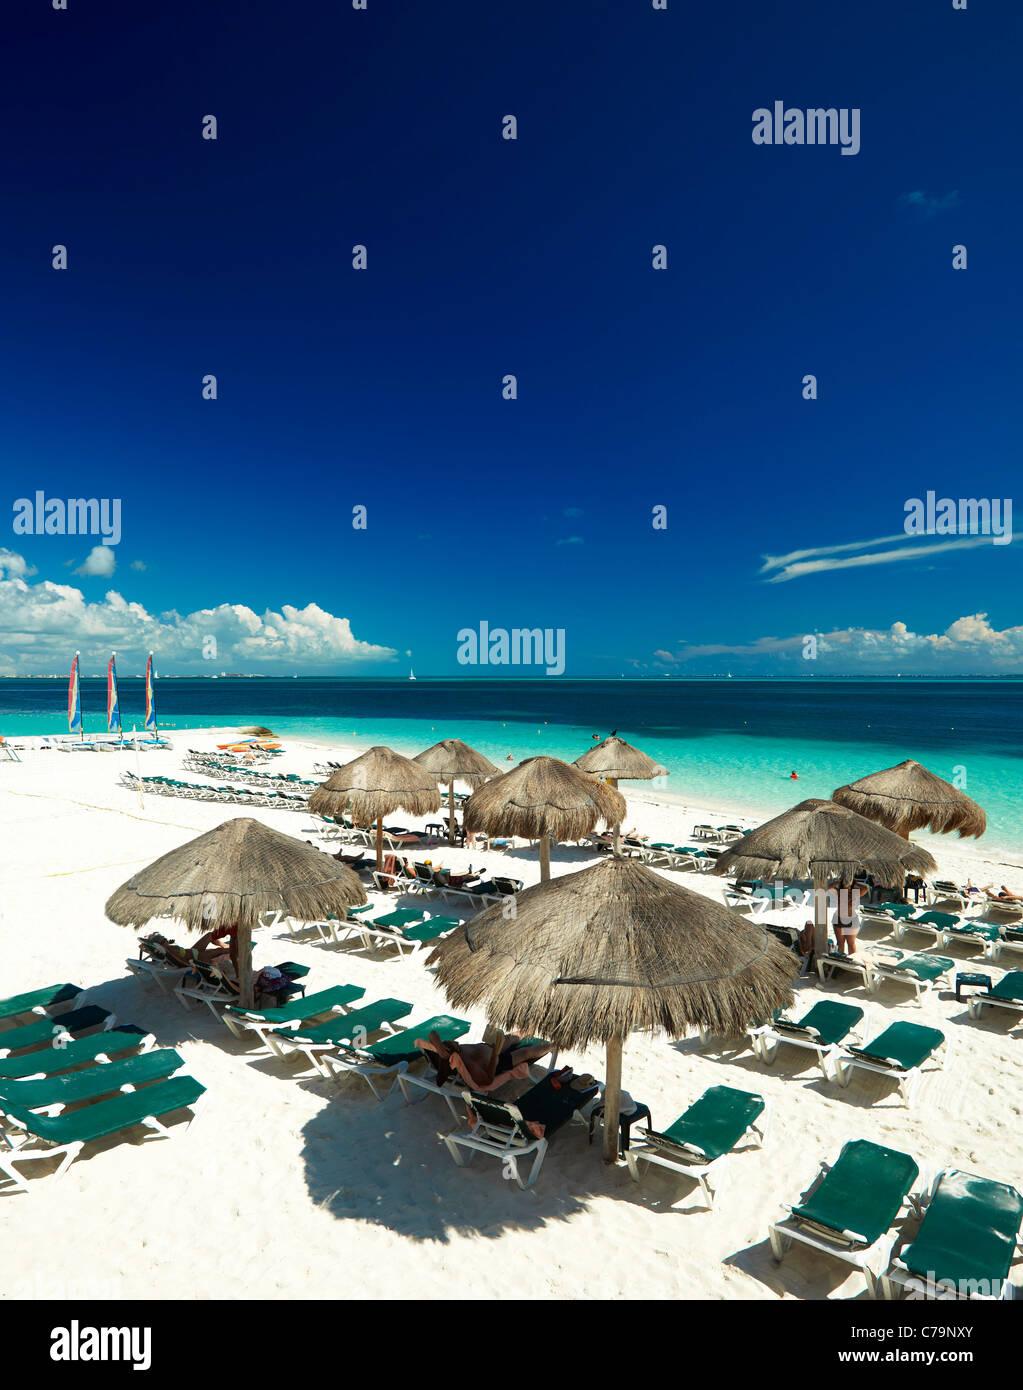 Plage de Cancun au Mexique Photo Stock